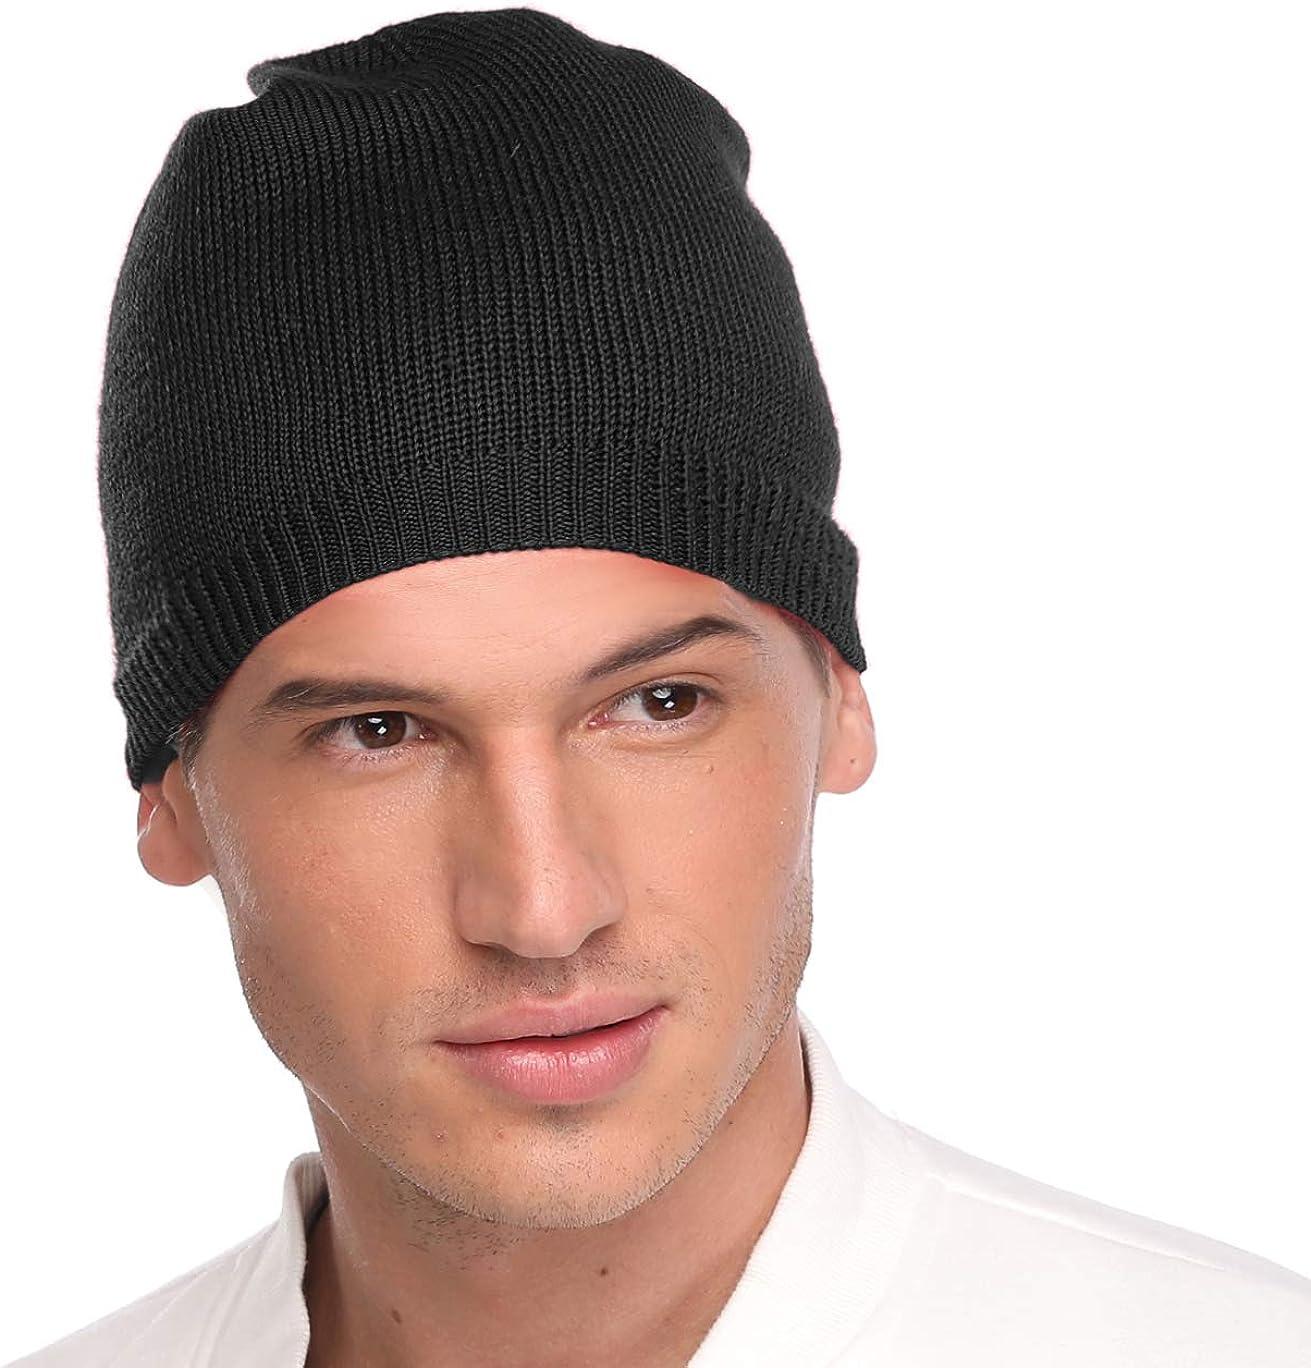 Horizon-t Amazing Landscape Unisex 100/% Acrylic Knitting Hat Cap Fashion Beanie Hat